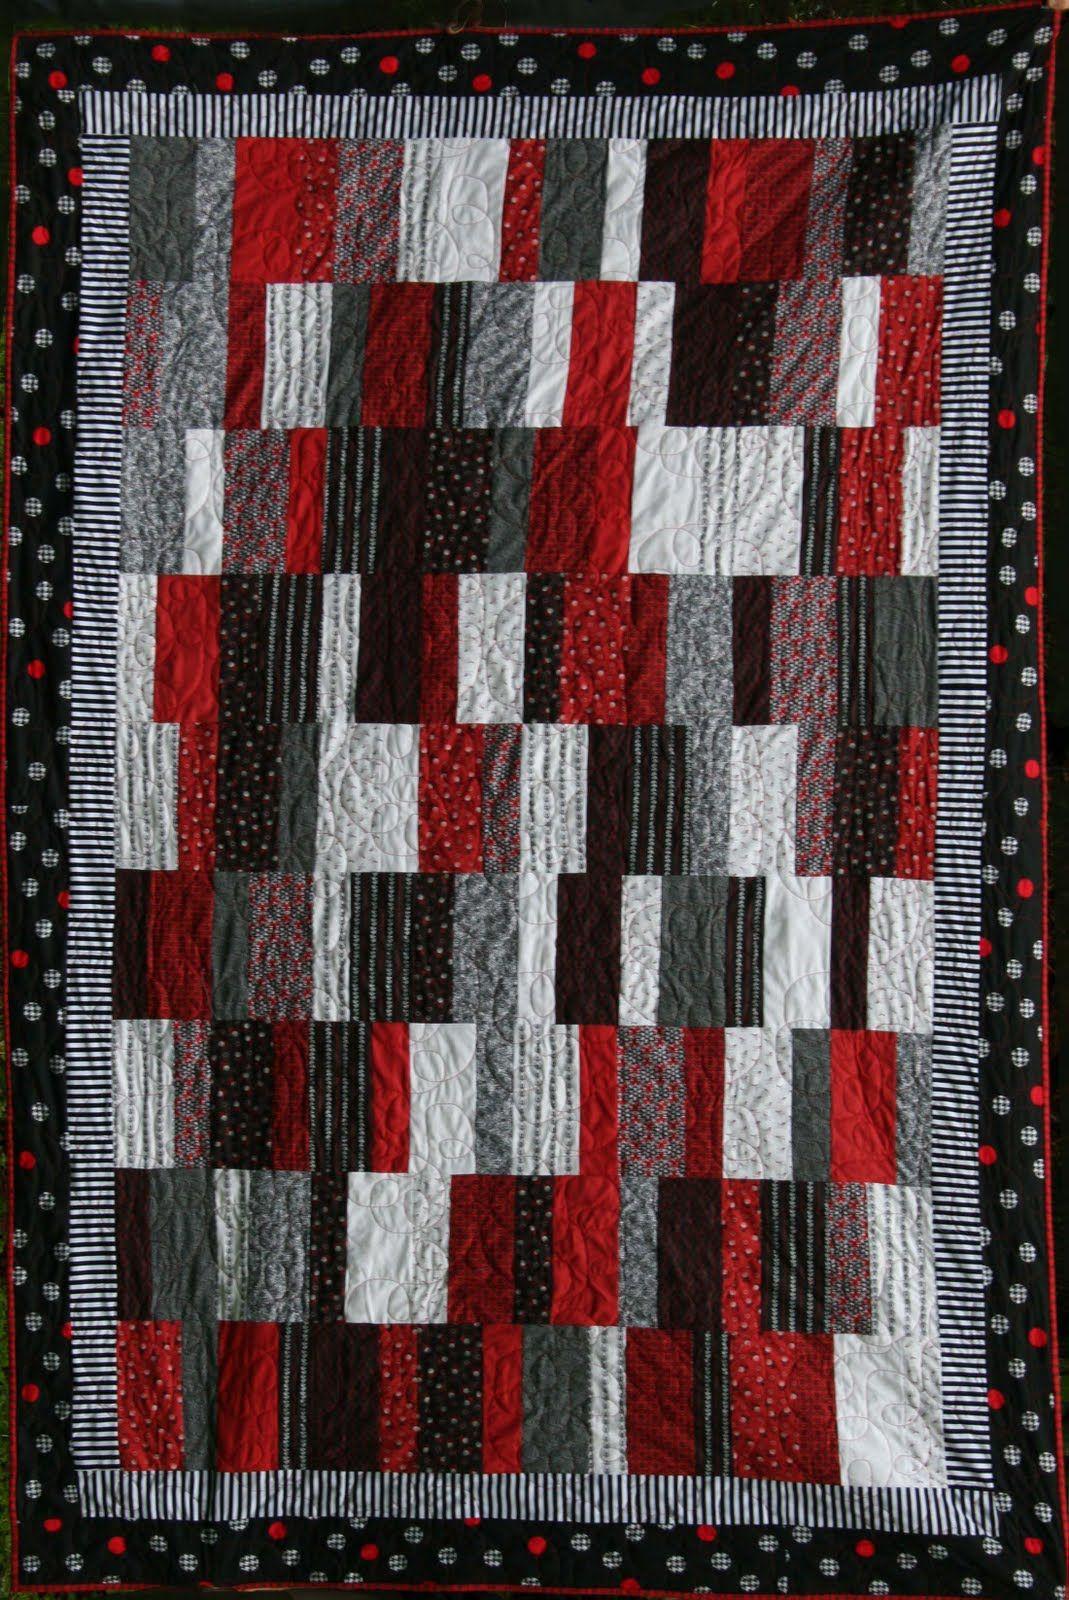 high school graduation quilt | Sewing | Pinterest | High school ... : graduation quilts ideas - Adamdwight.com